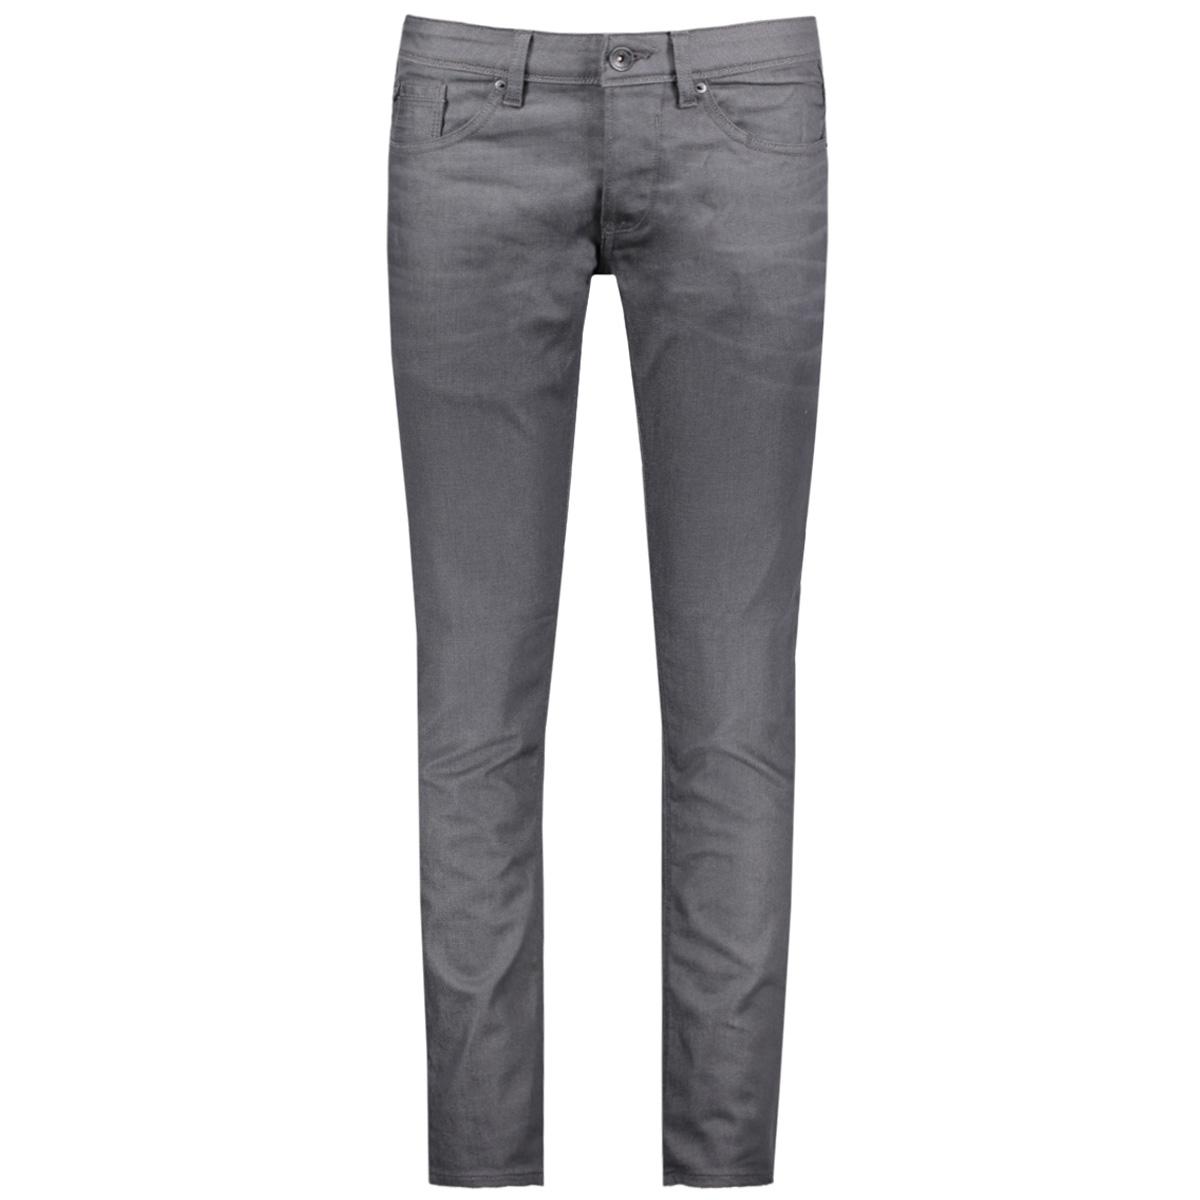 630 savio garcia jeans 2816 grey vintage